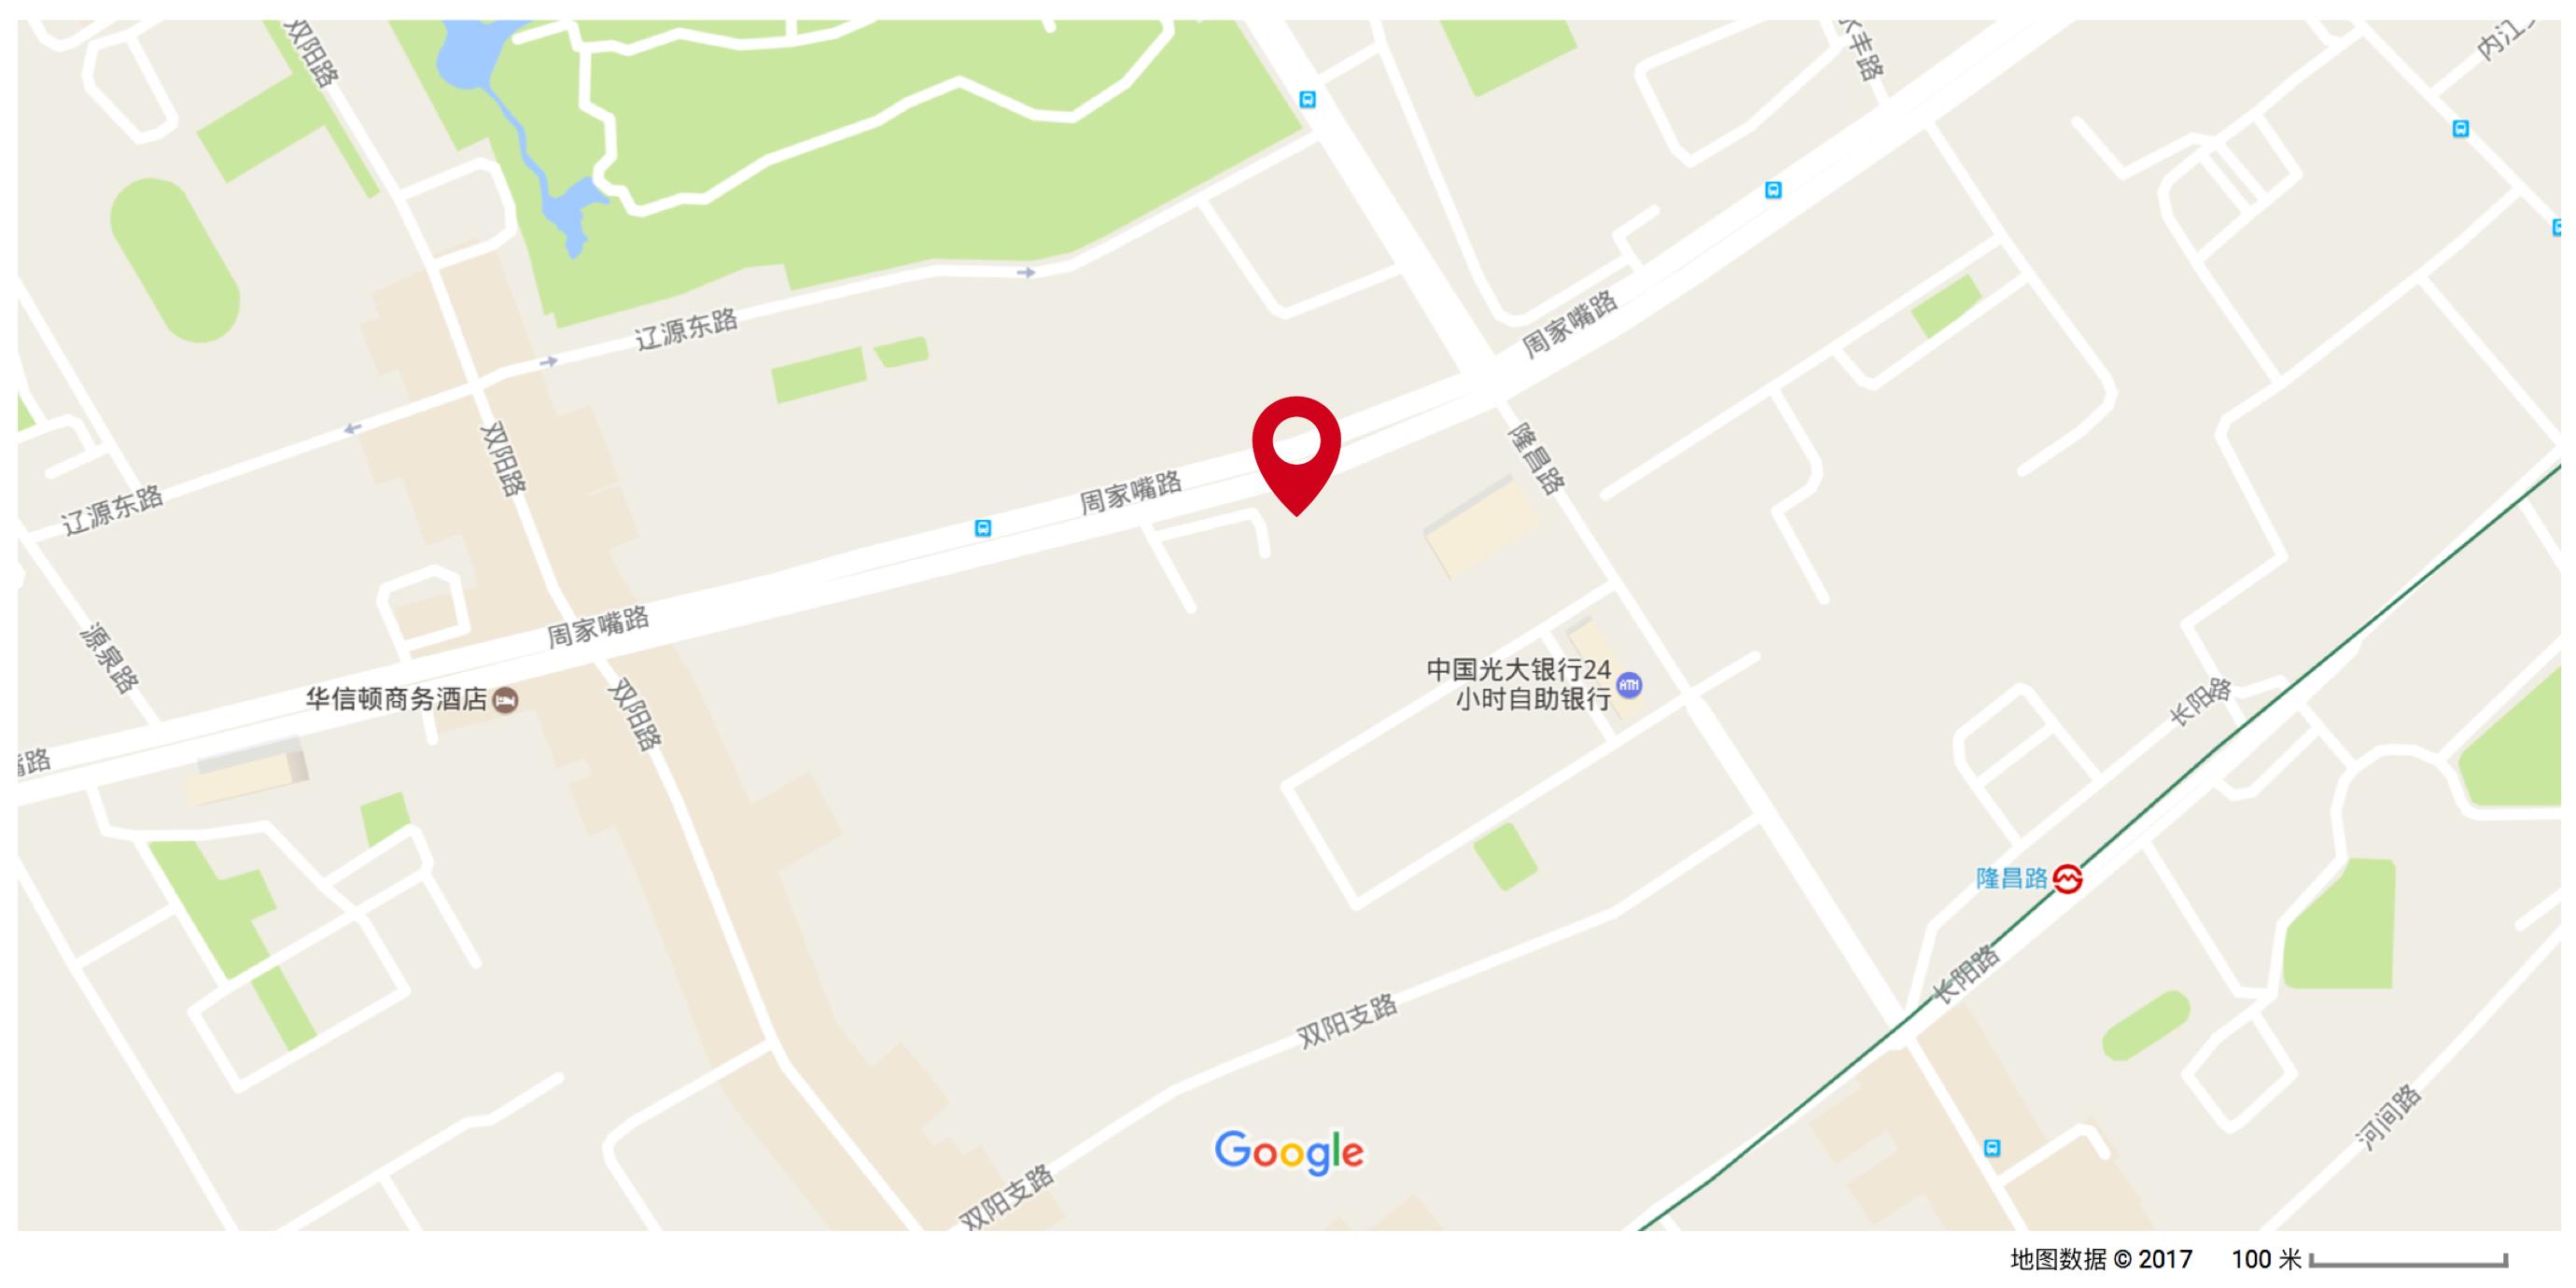 上海市杨浦区隆昌路619号城市概念8号楼北区B12-B13